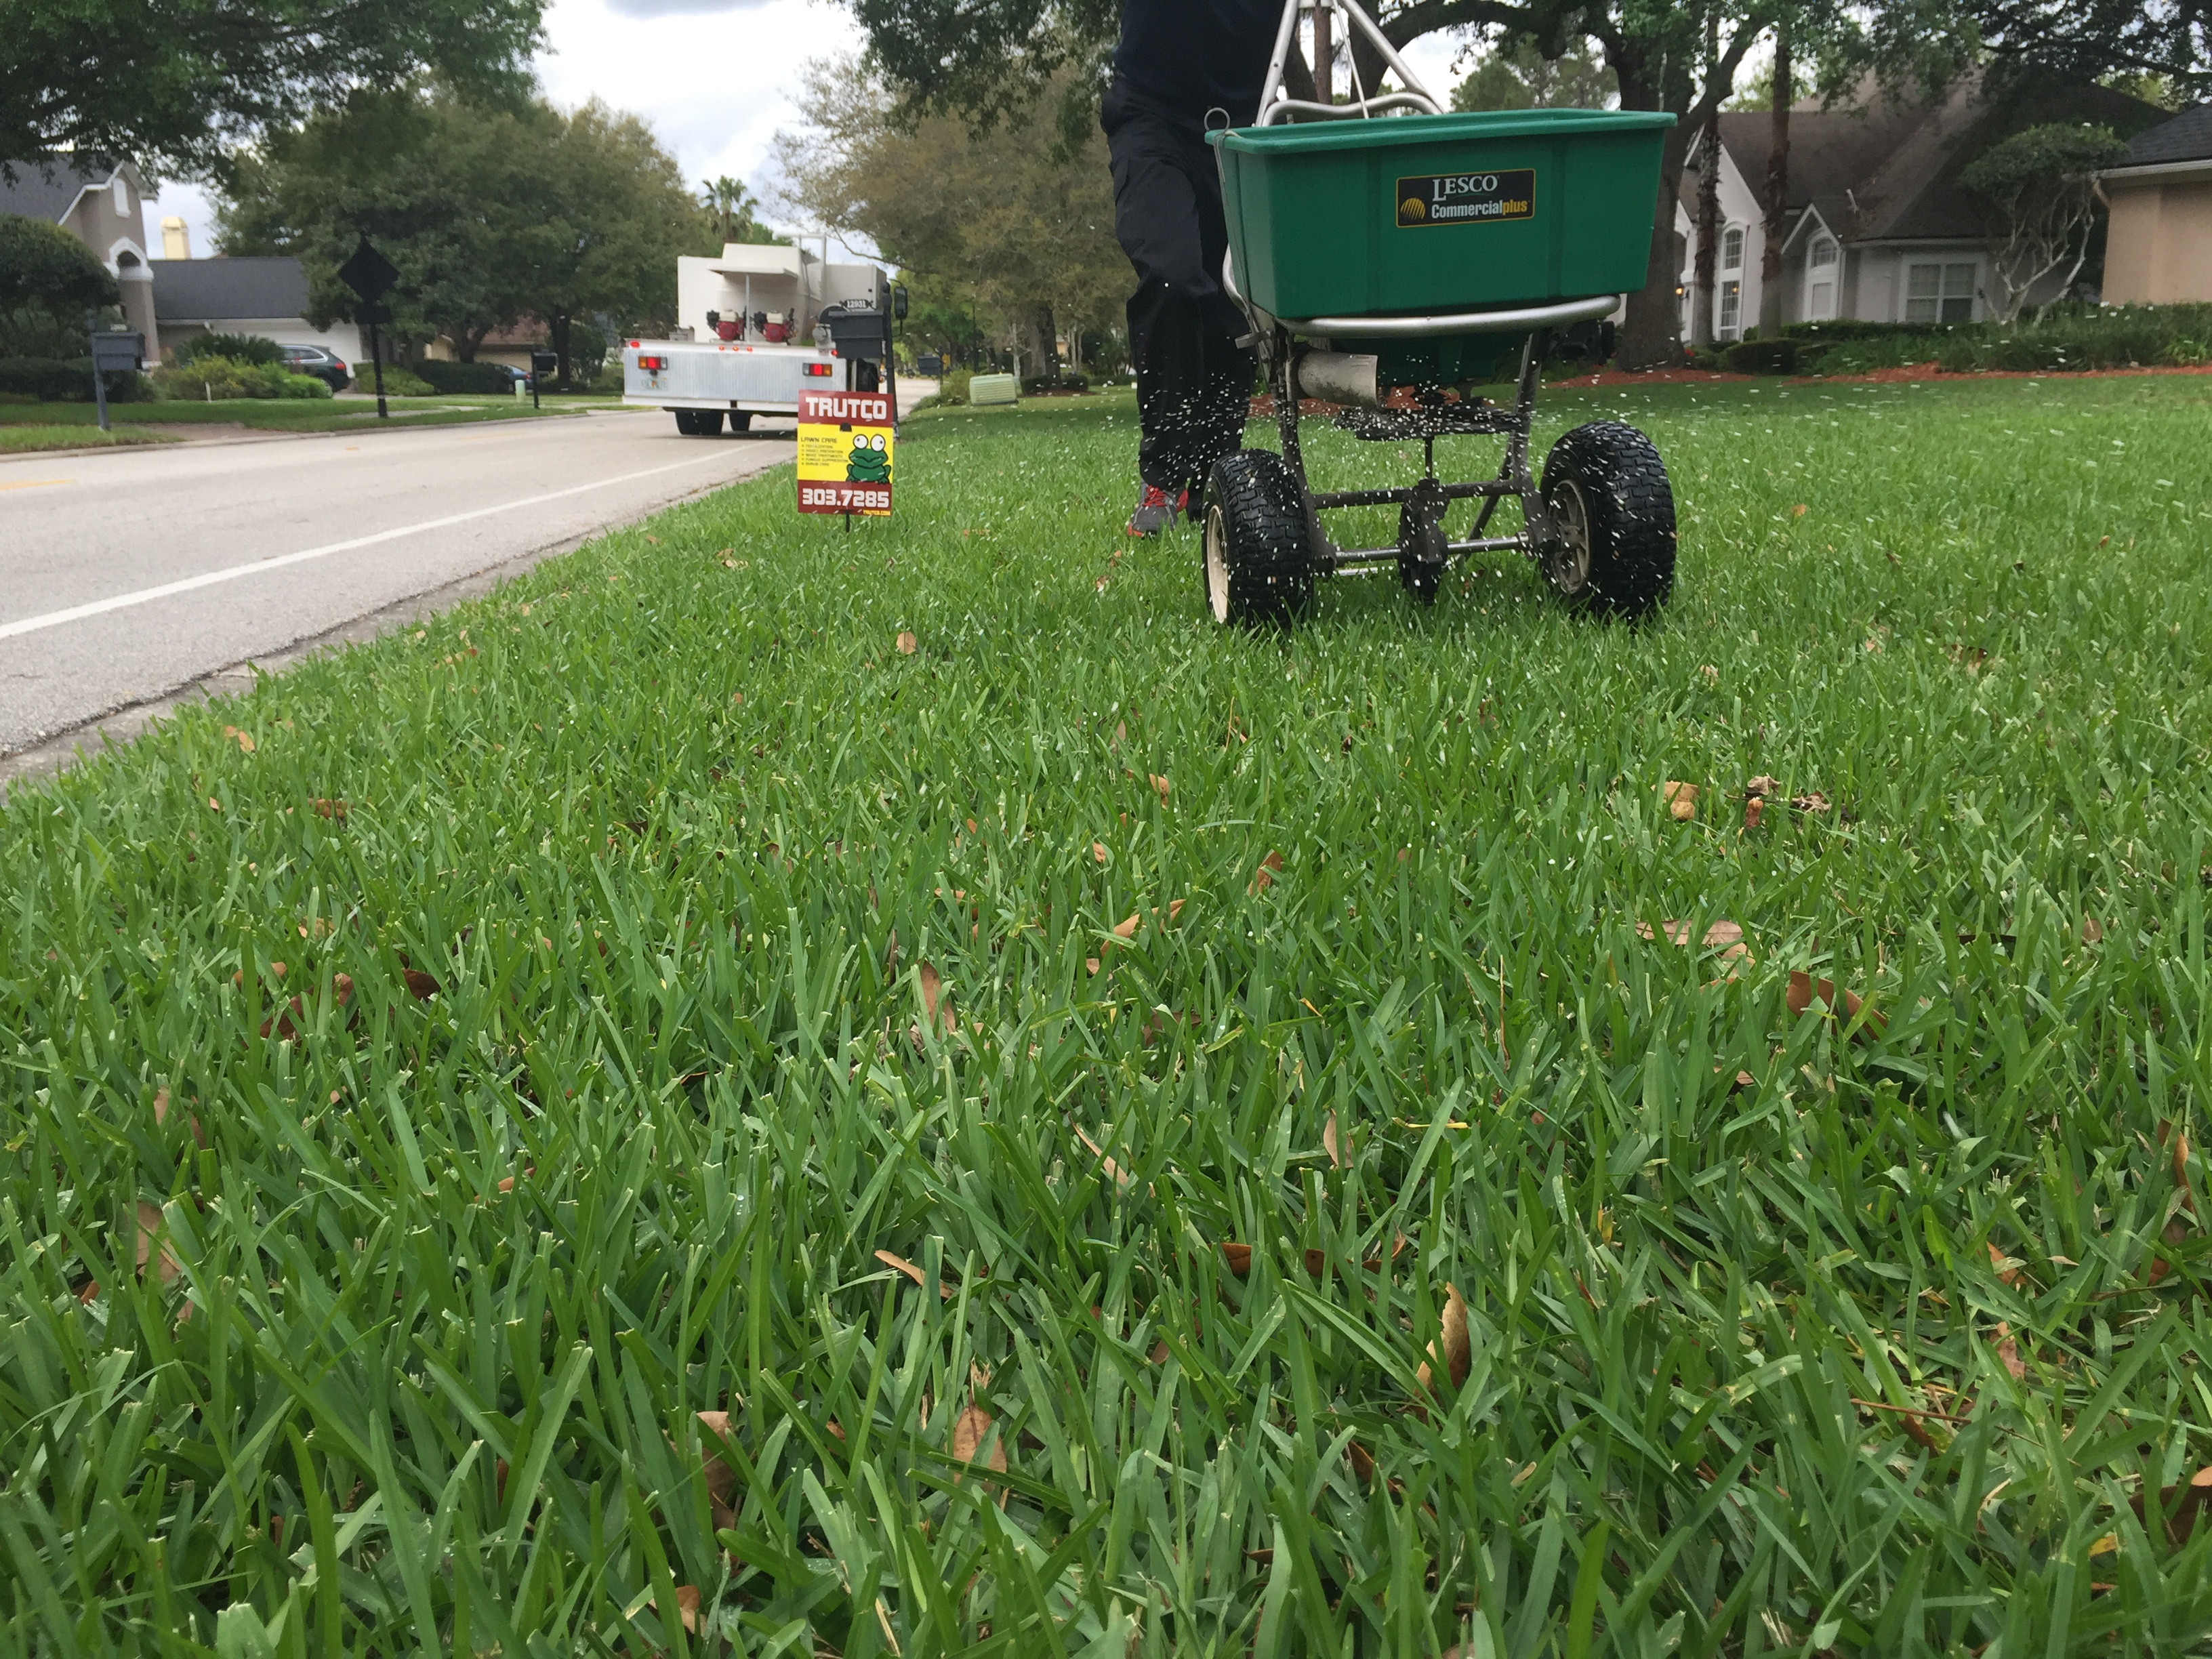 Image1 Lawn Care Services Of Jacksonville Fl Trutco